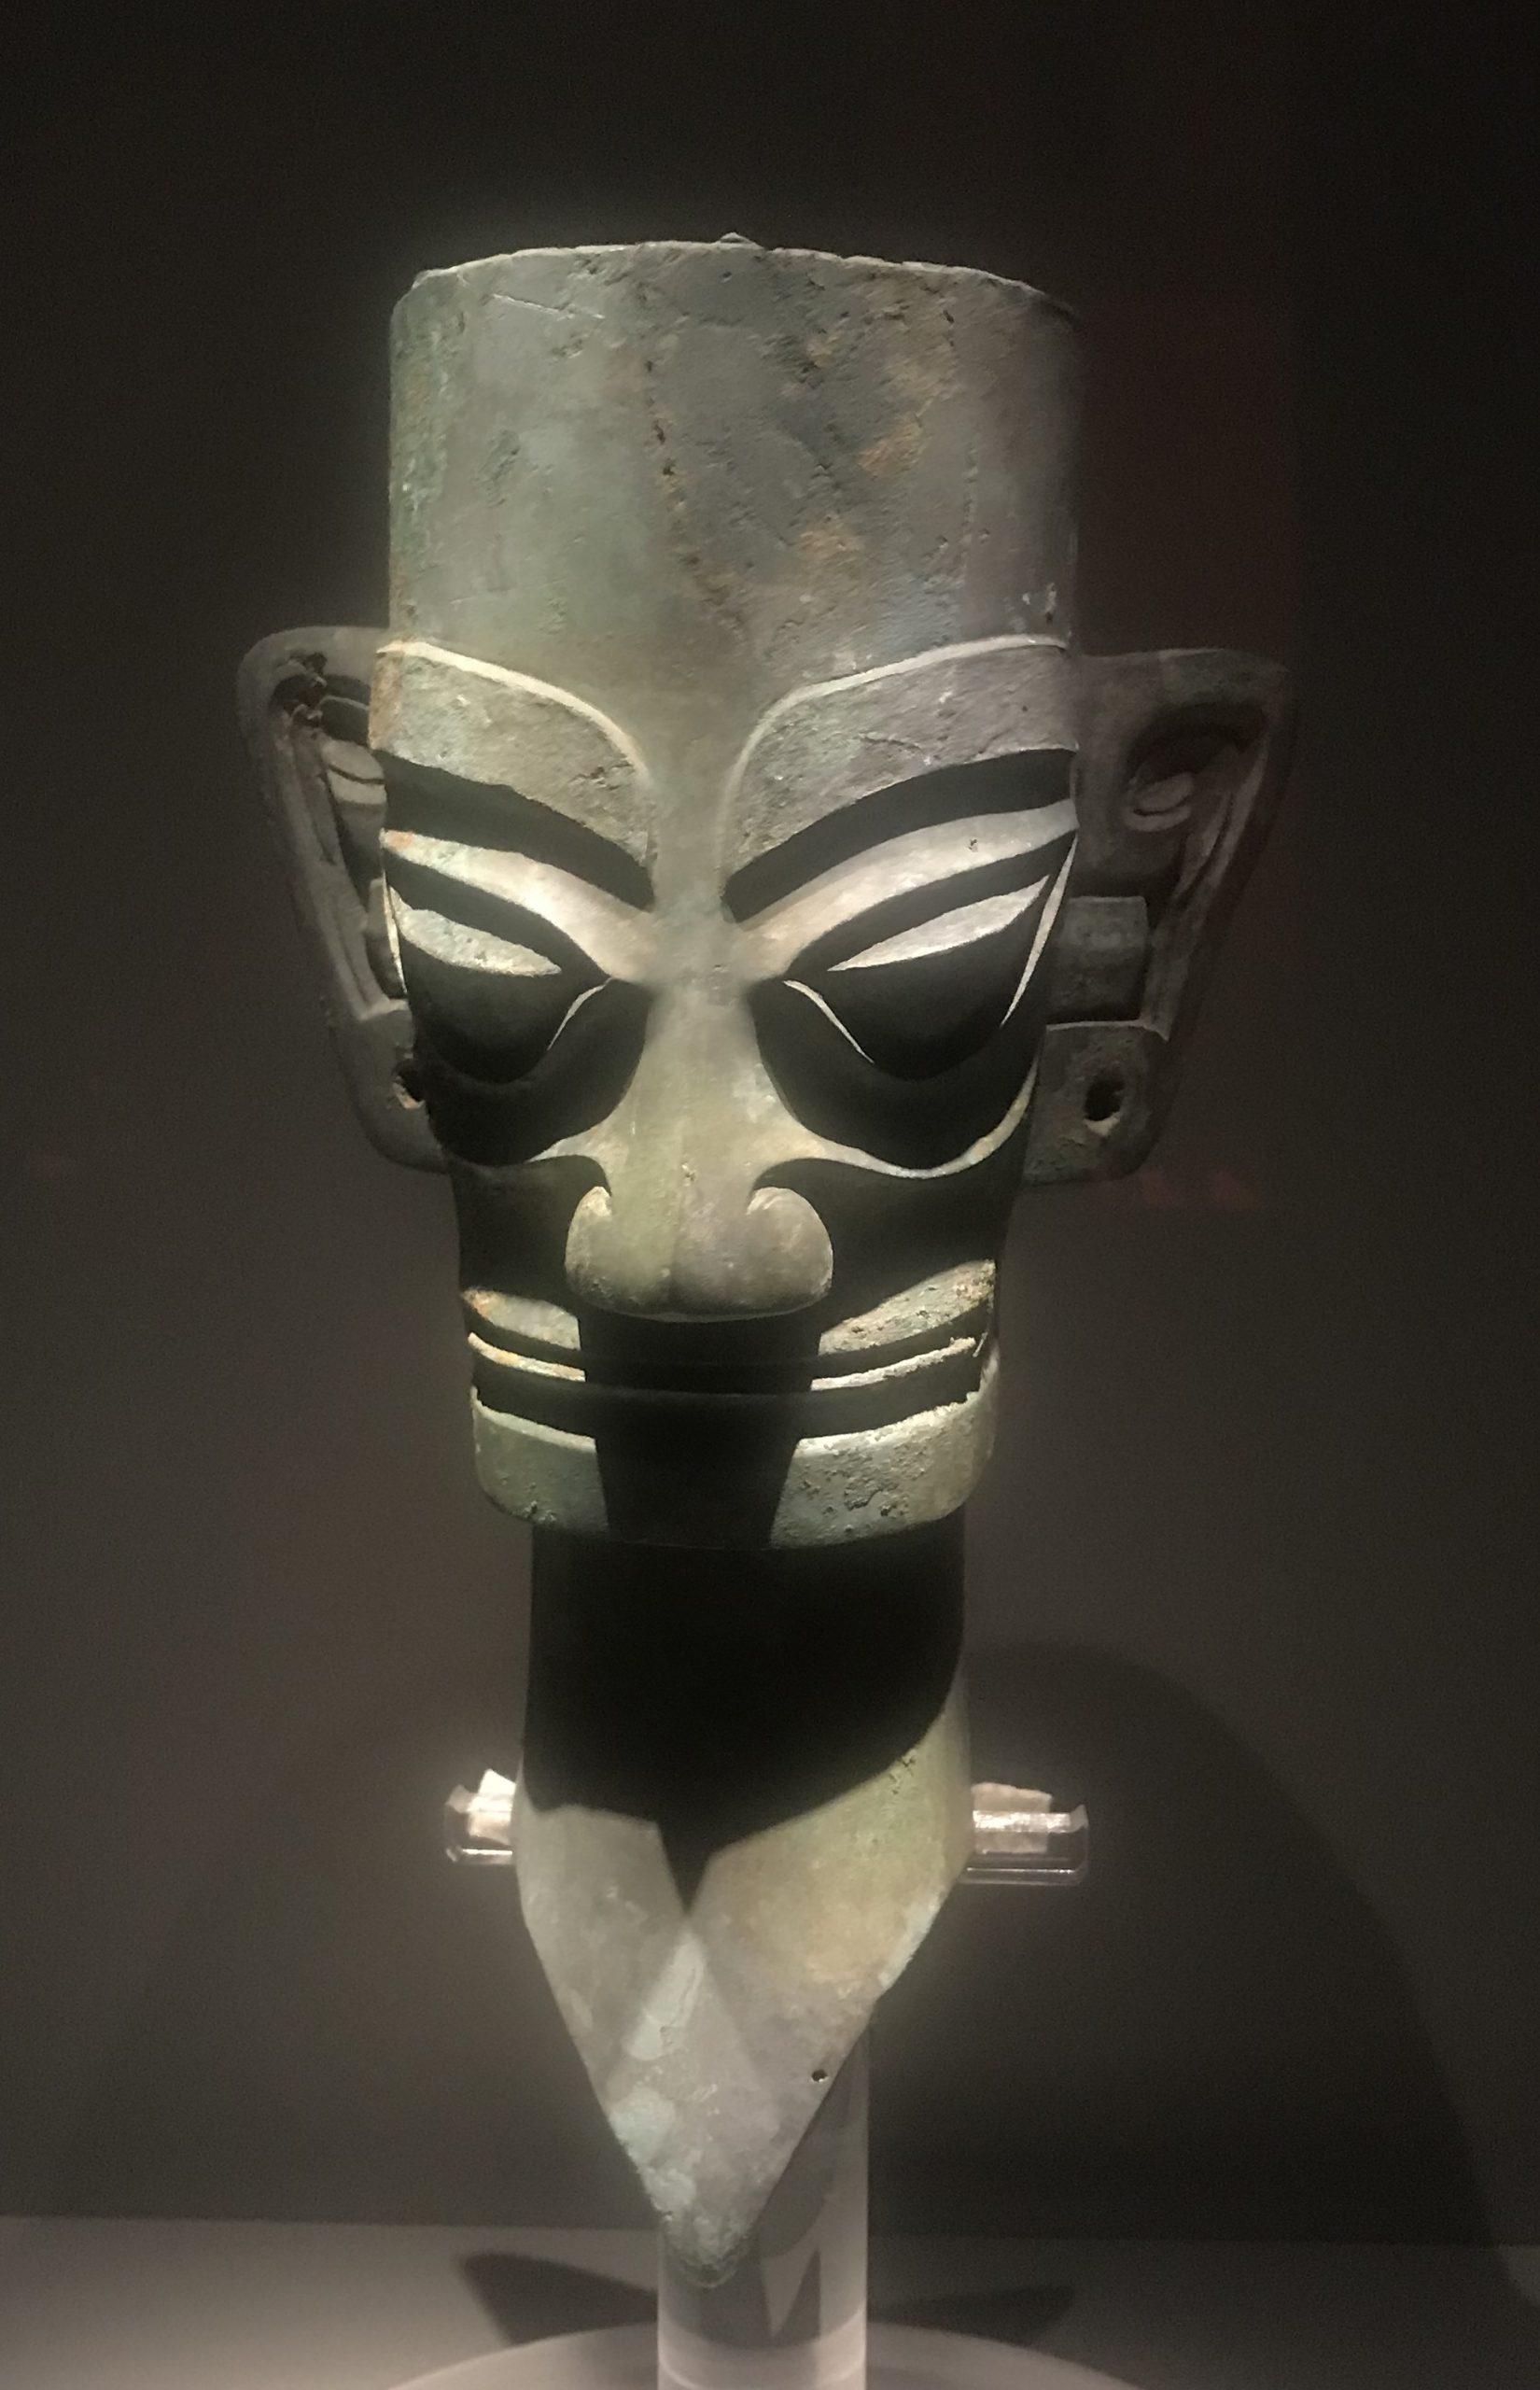 青銅人頭像1-青銅器館-三星堆博物館-広漢市-徳陽市-四川省